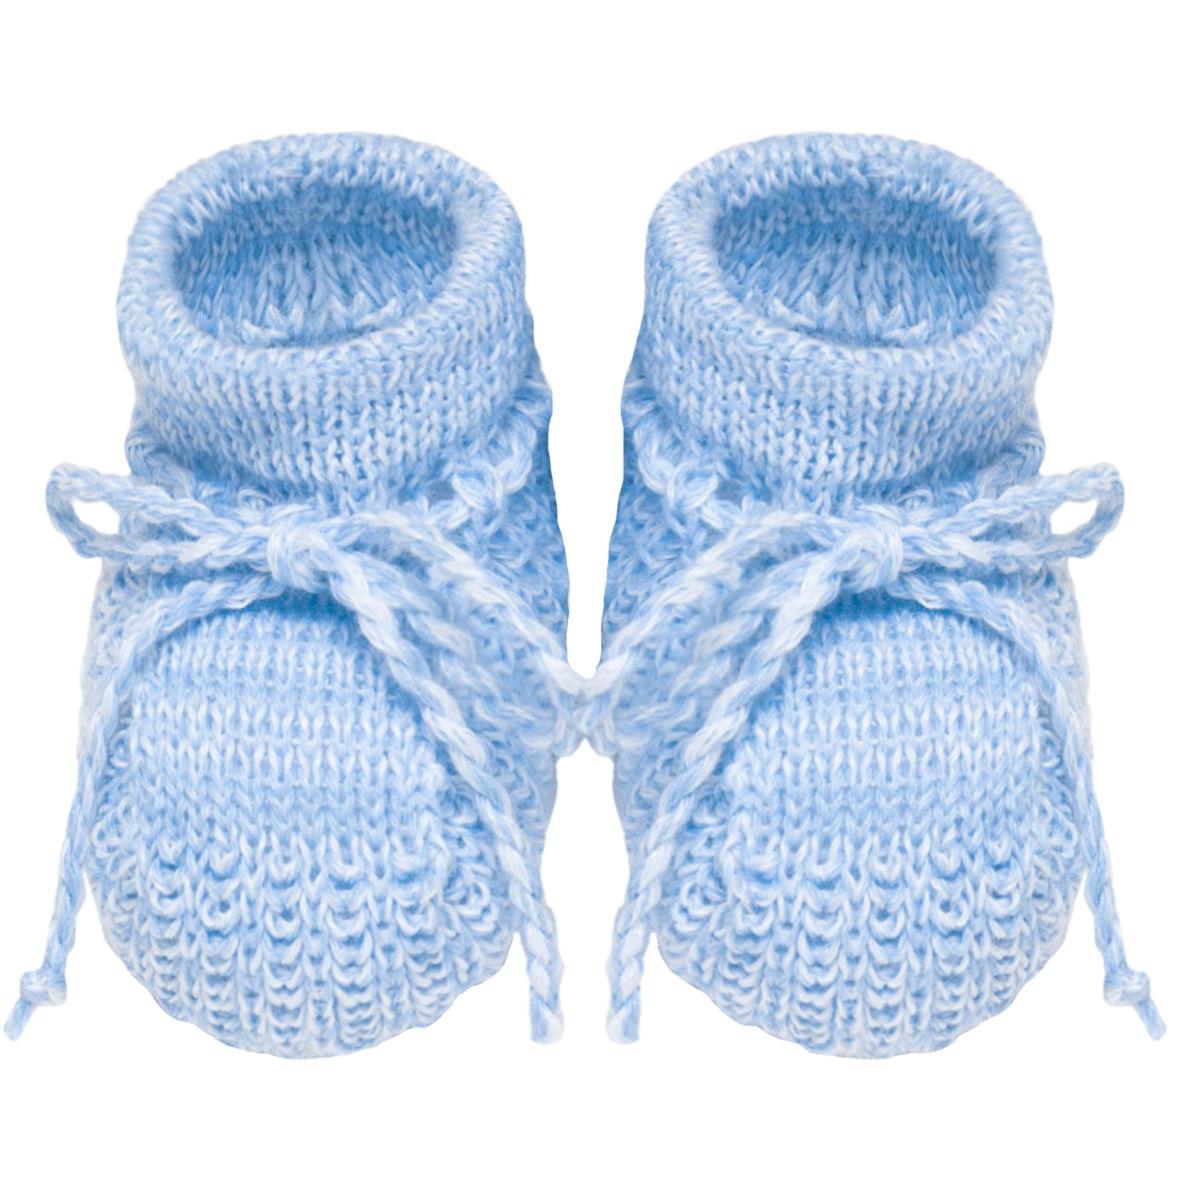 aabae2d4f Sapatinho para bebê em tricot Azul - Roana no bebefacil loja de roupas  enxoval e acessorios para bebes - bebefacil